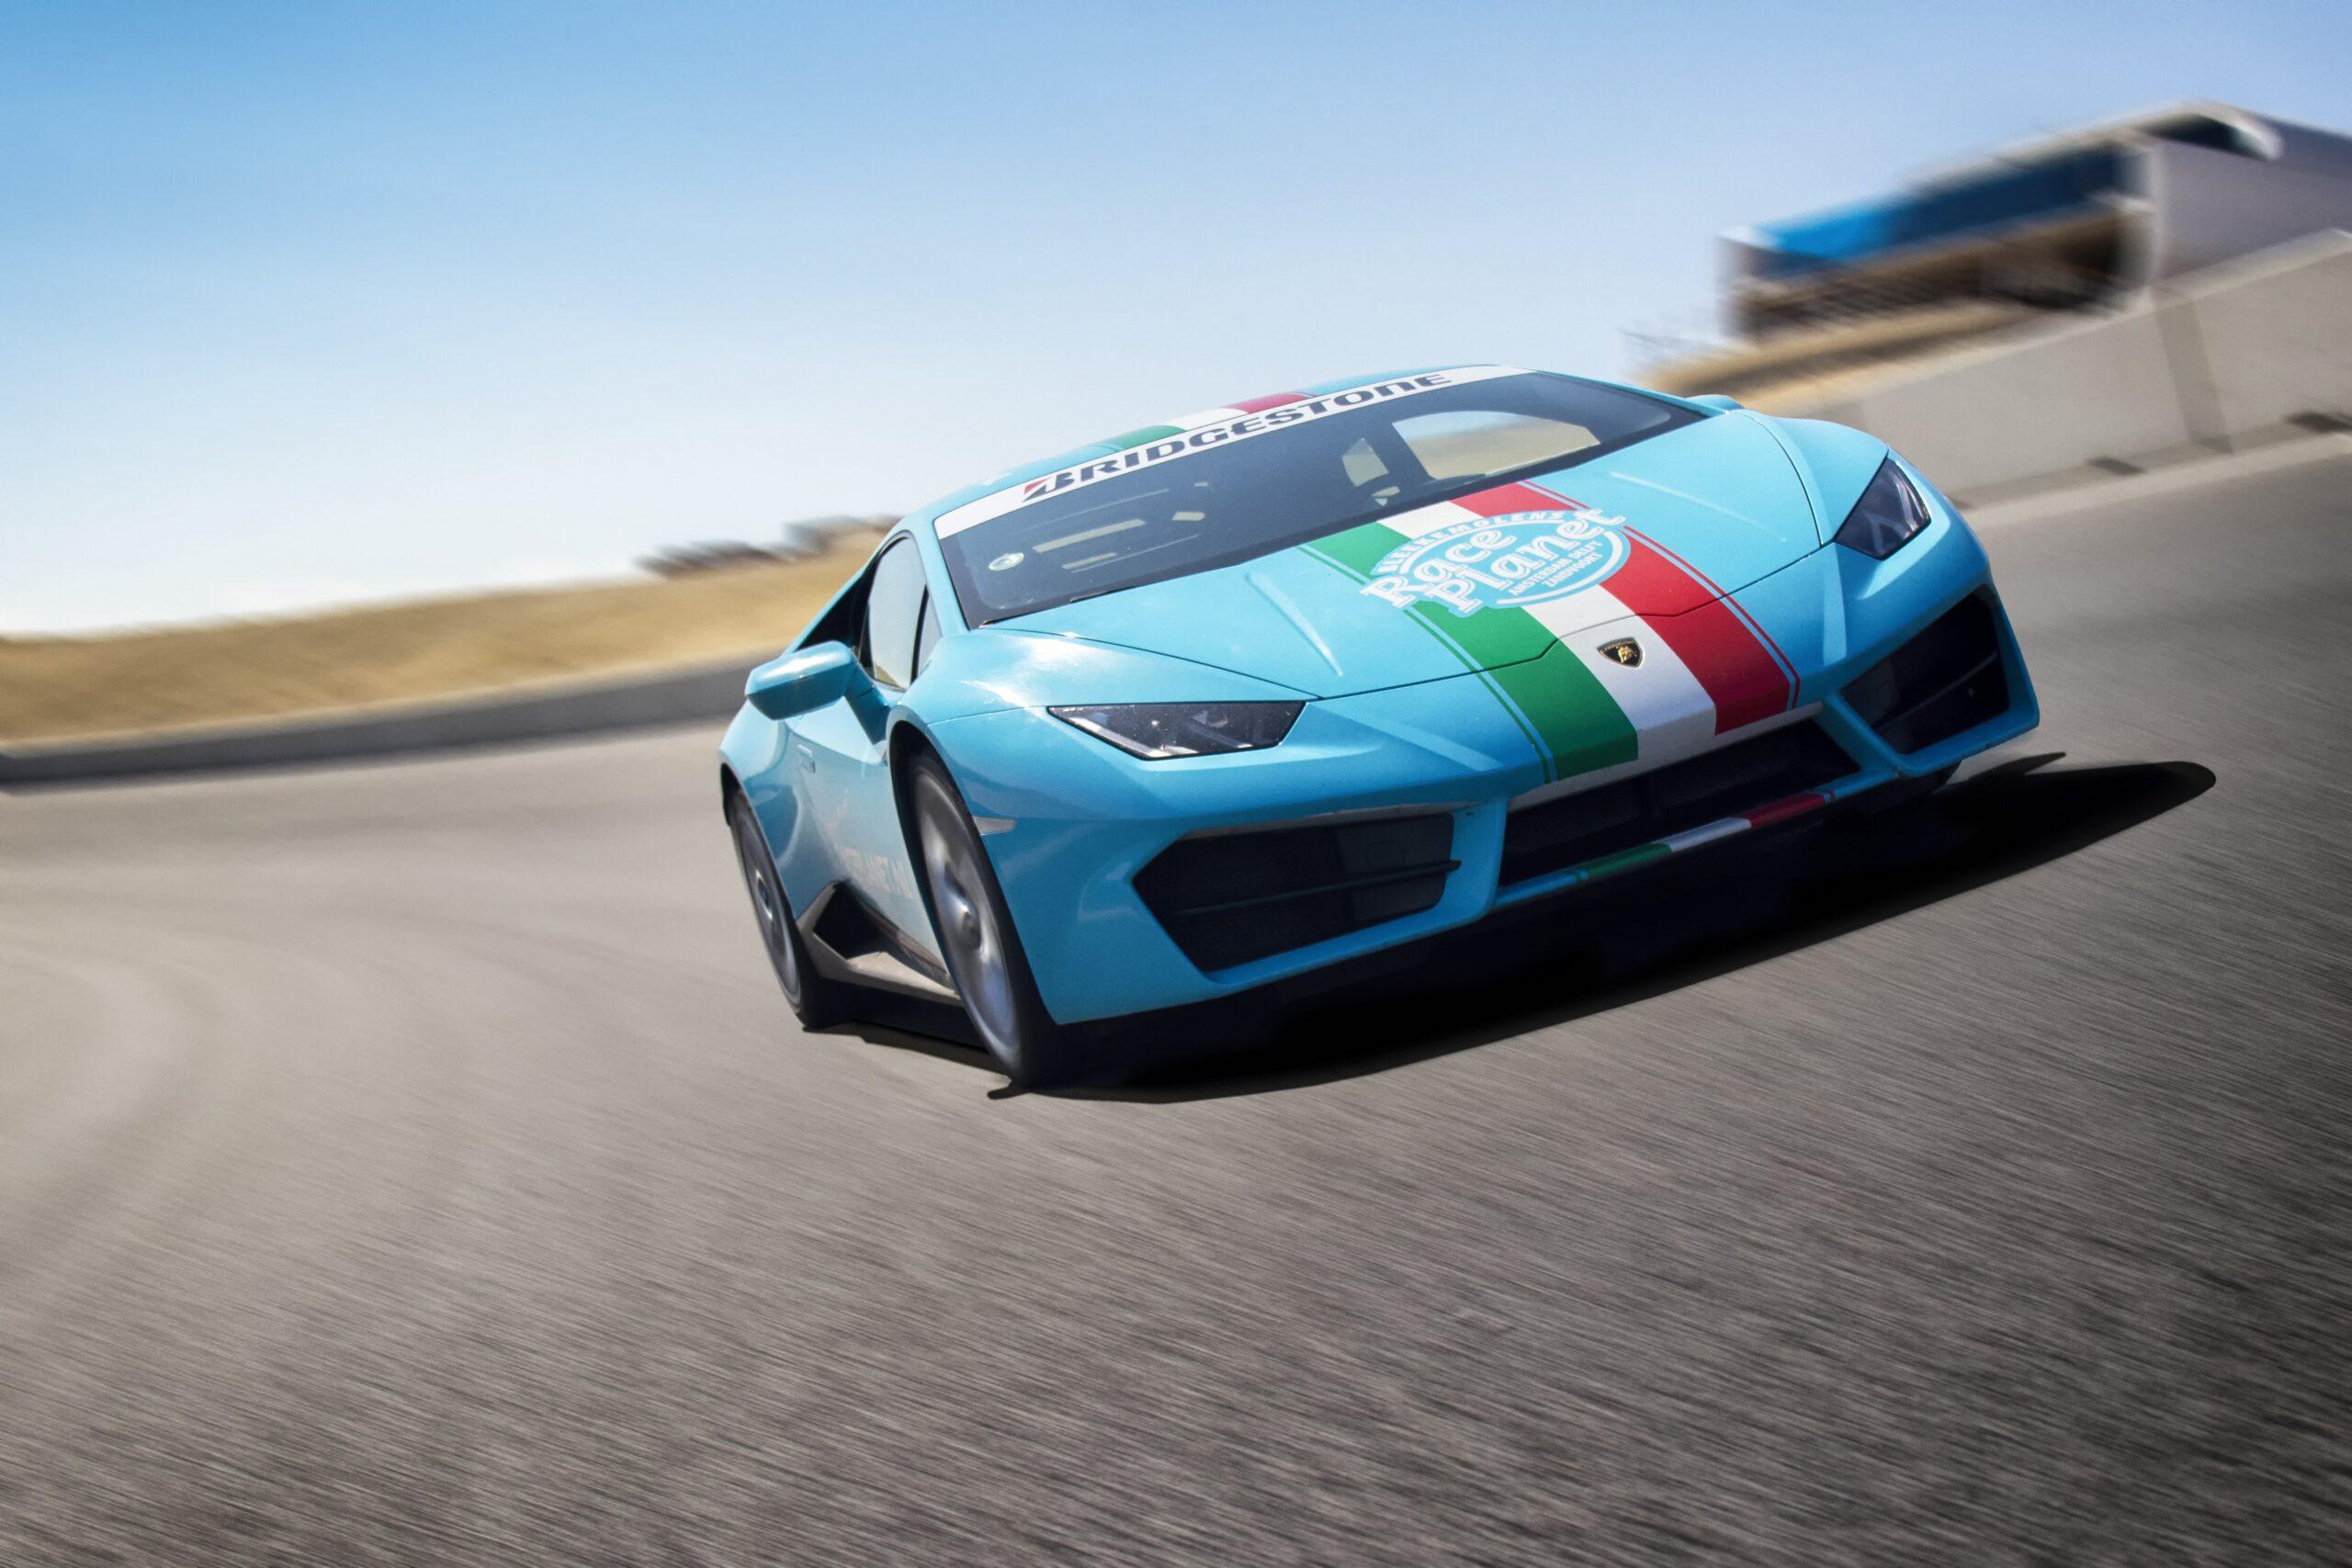 Blauwe Lamborghini Huracán in de Arie Luyendykbocht op Circuit Zandvoort tijdens een Race Planet Race Experience.